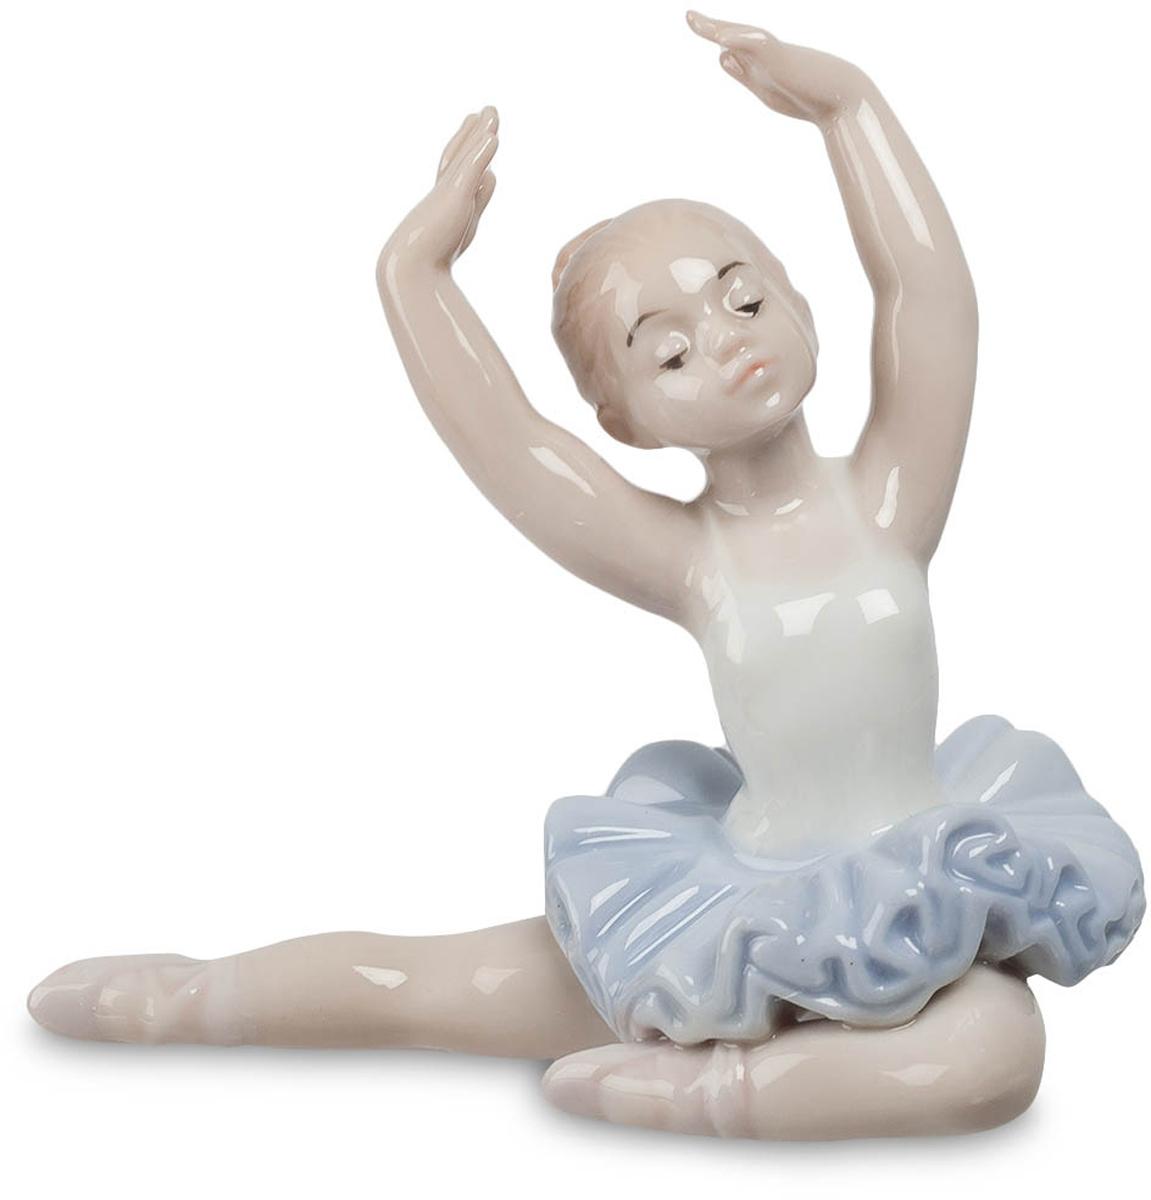 Фигурка декоративная Pavone Юная балерина. JP-27/40JP-27/40Декоративная фигурка Pavone Юная балерина станет оригинальным подарком для всех любителей стильных вещей. Сувенир выполнен из высококачественного фарфора. Изысканный сувенир станет прекрасным дополнением к интерьеру. Вы можете поставить фигурку в любом месте, где она будет удачно смотреться и радовать глаз. Размеры фигурки: 9 см х 4,5 см х 8,5 см.